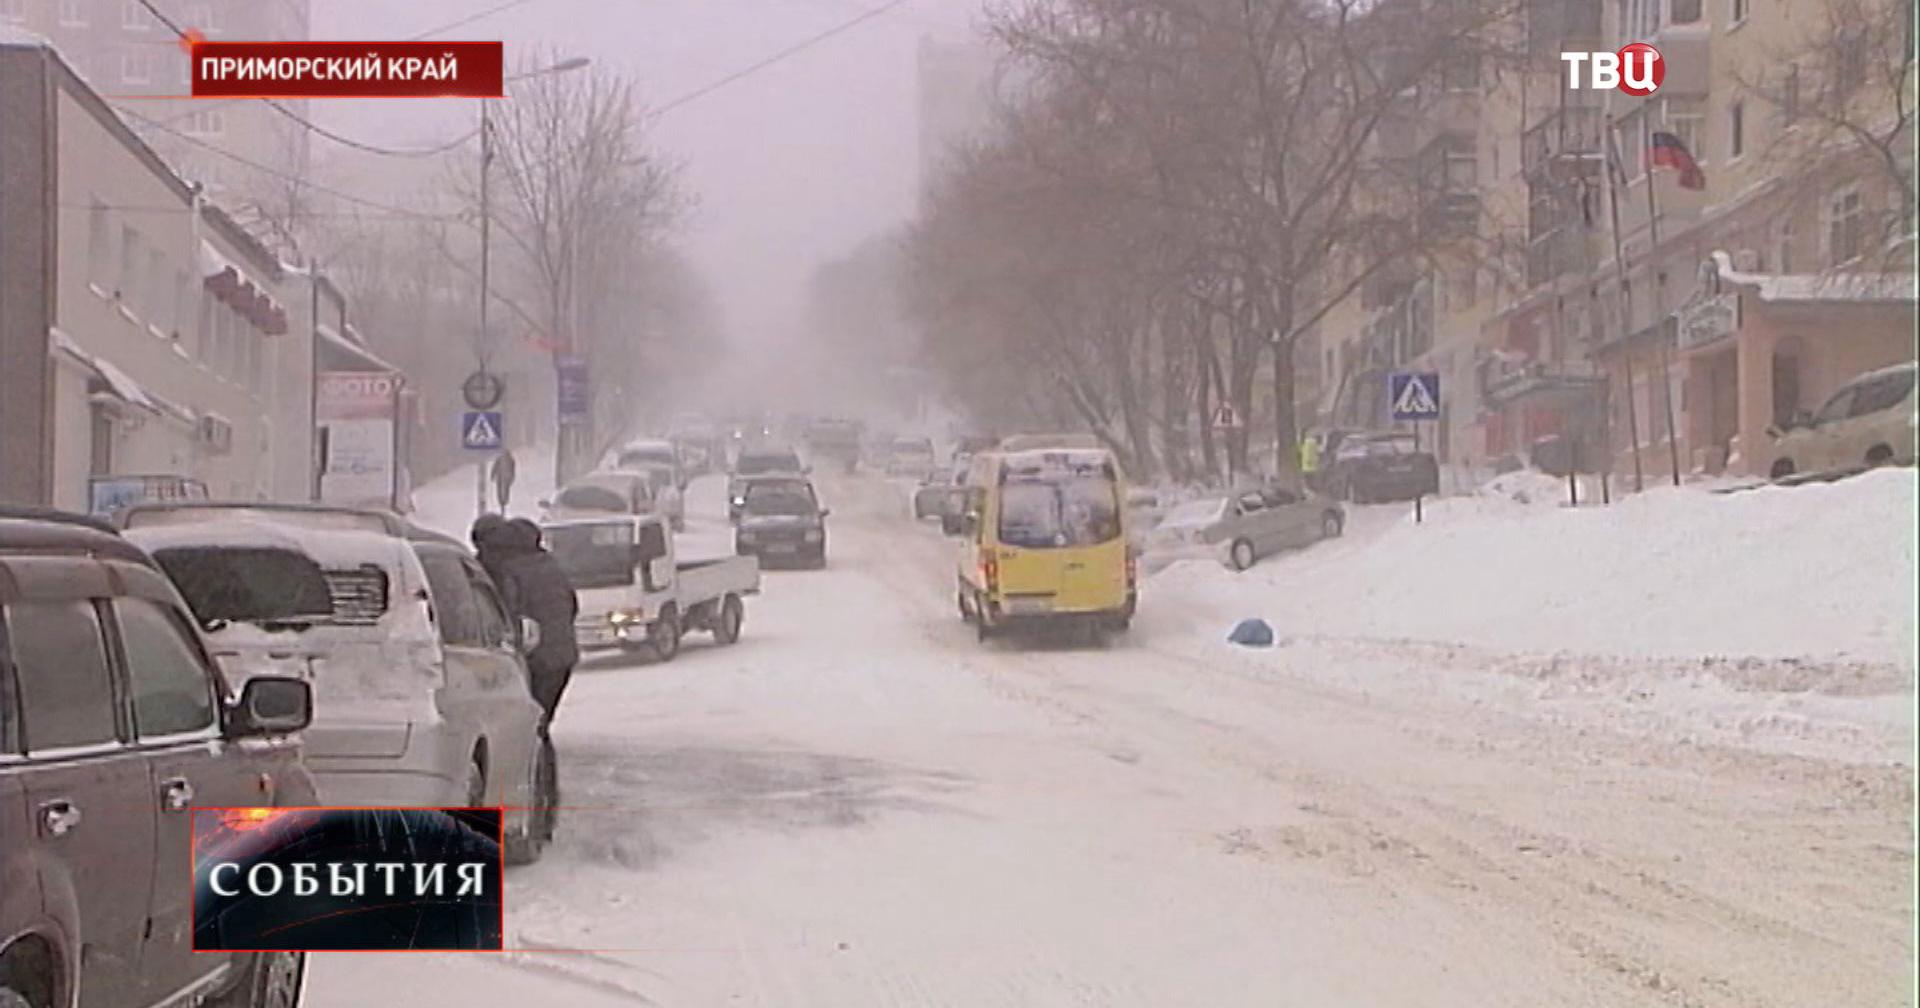 Сильный снегопад в Приморском крае